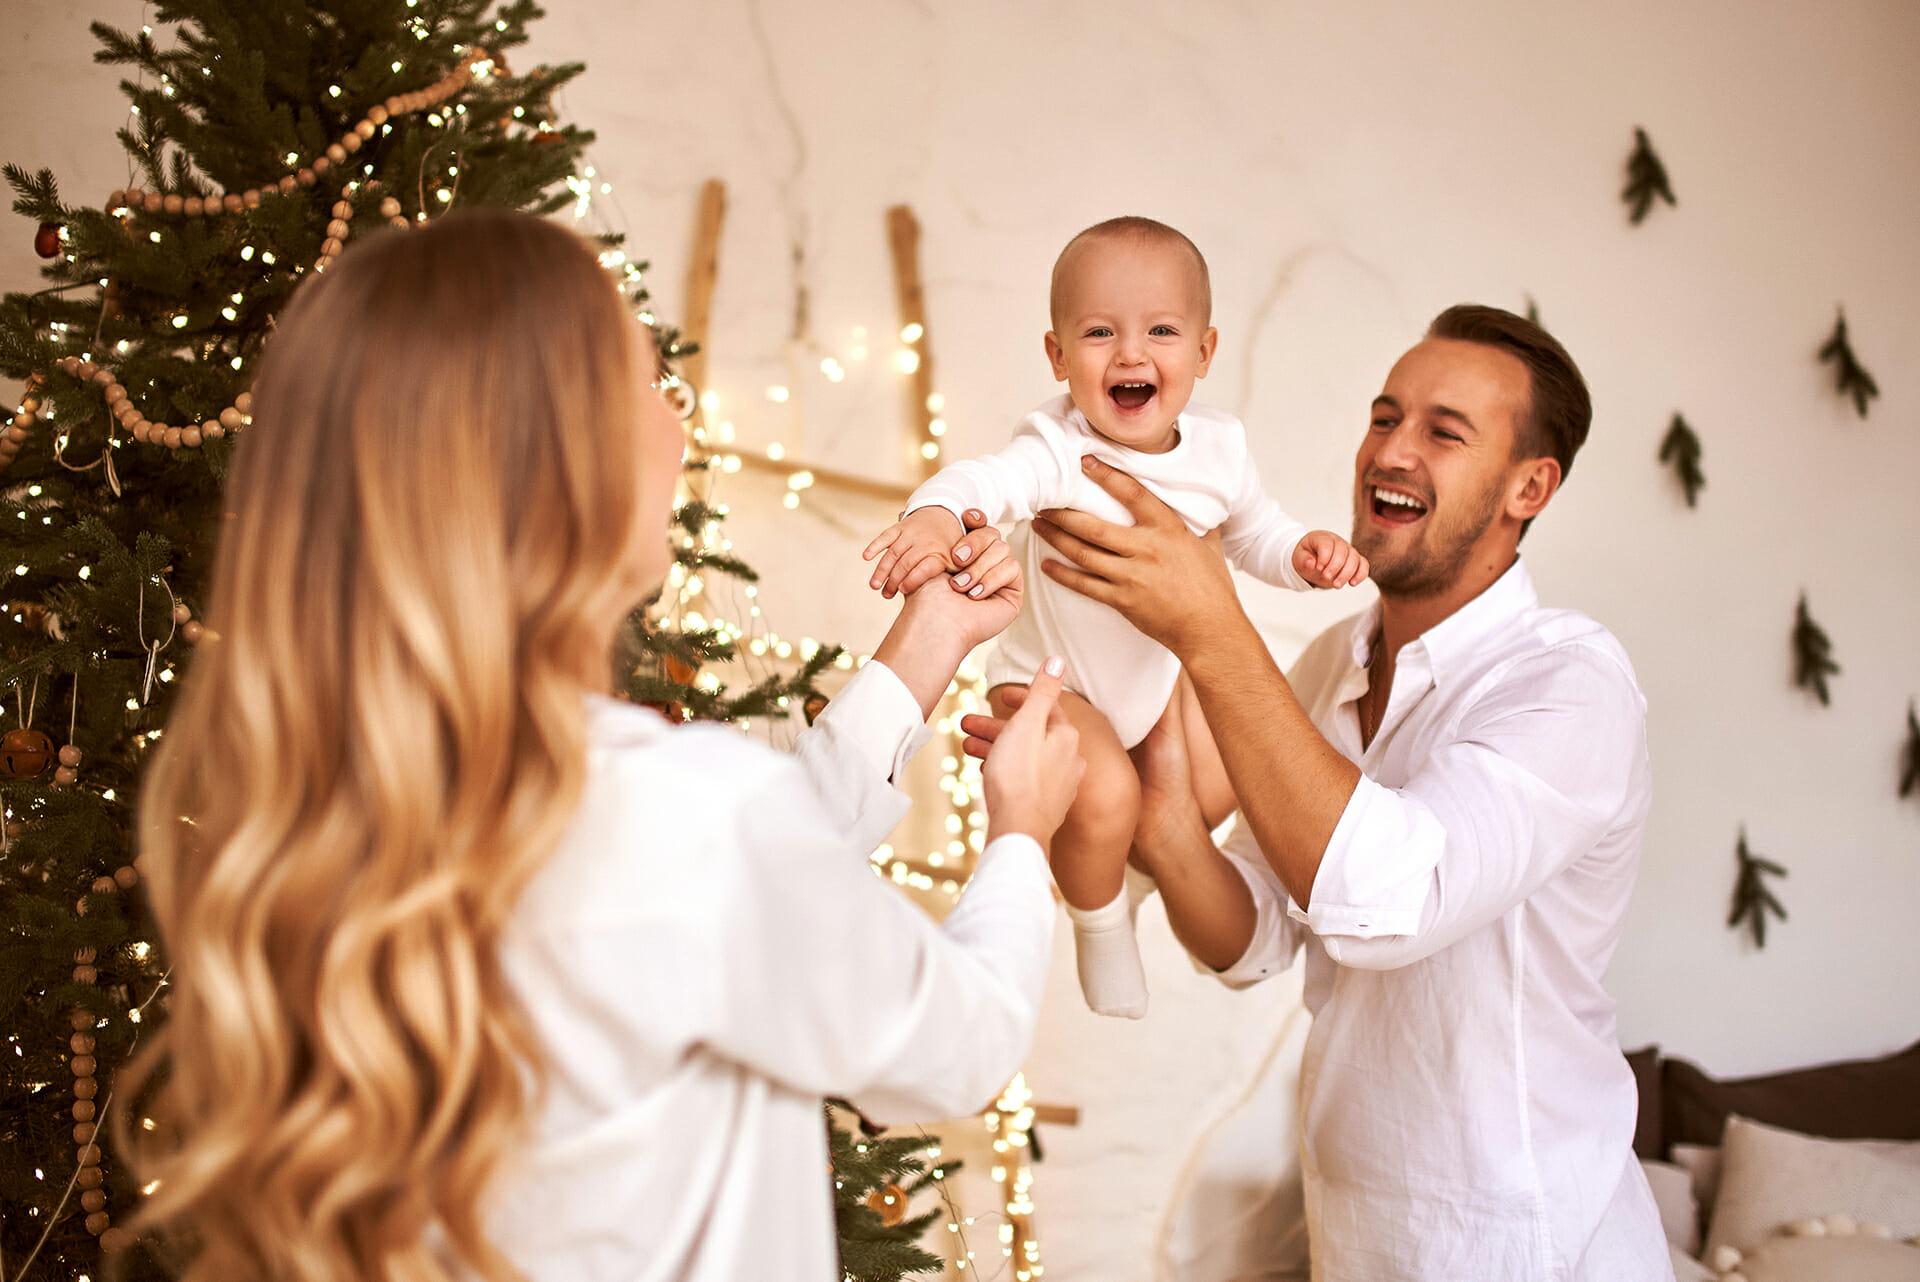 Семейная фотосессия: запечатлейте счастливые моменты